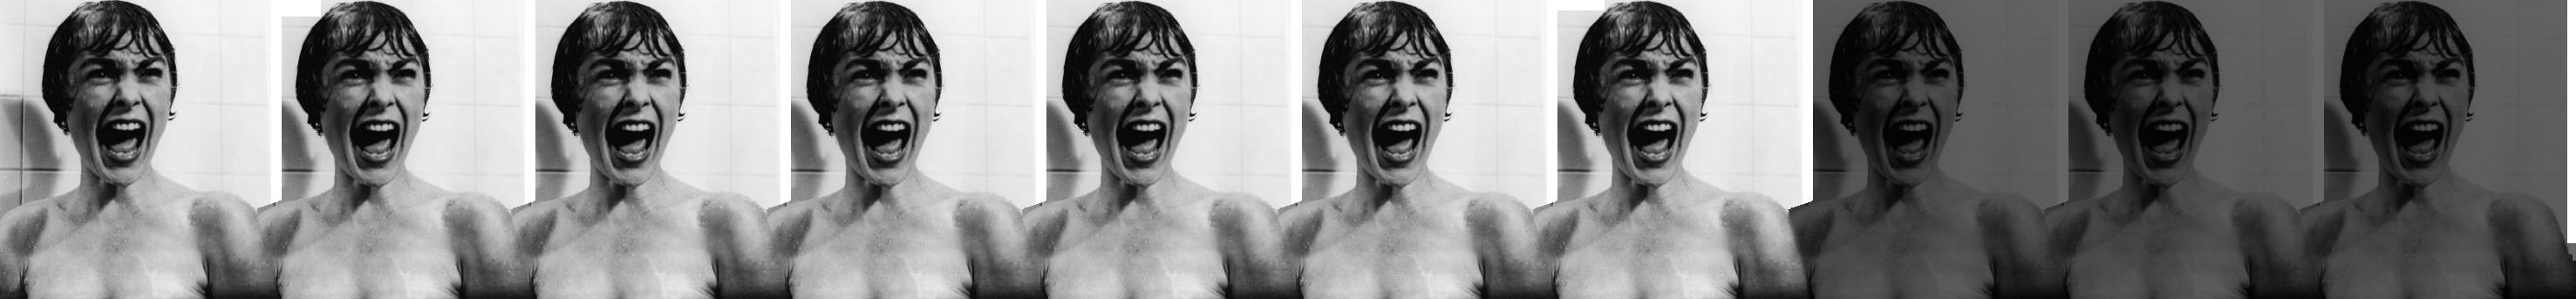 Scream-o-meter